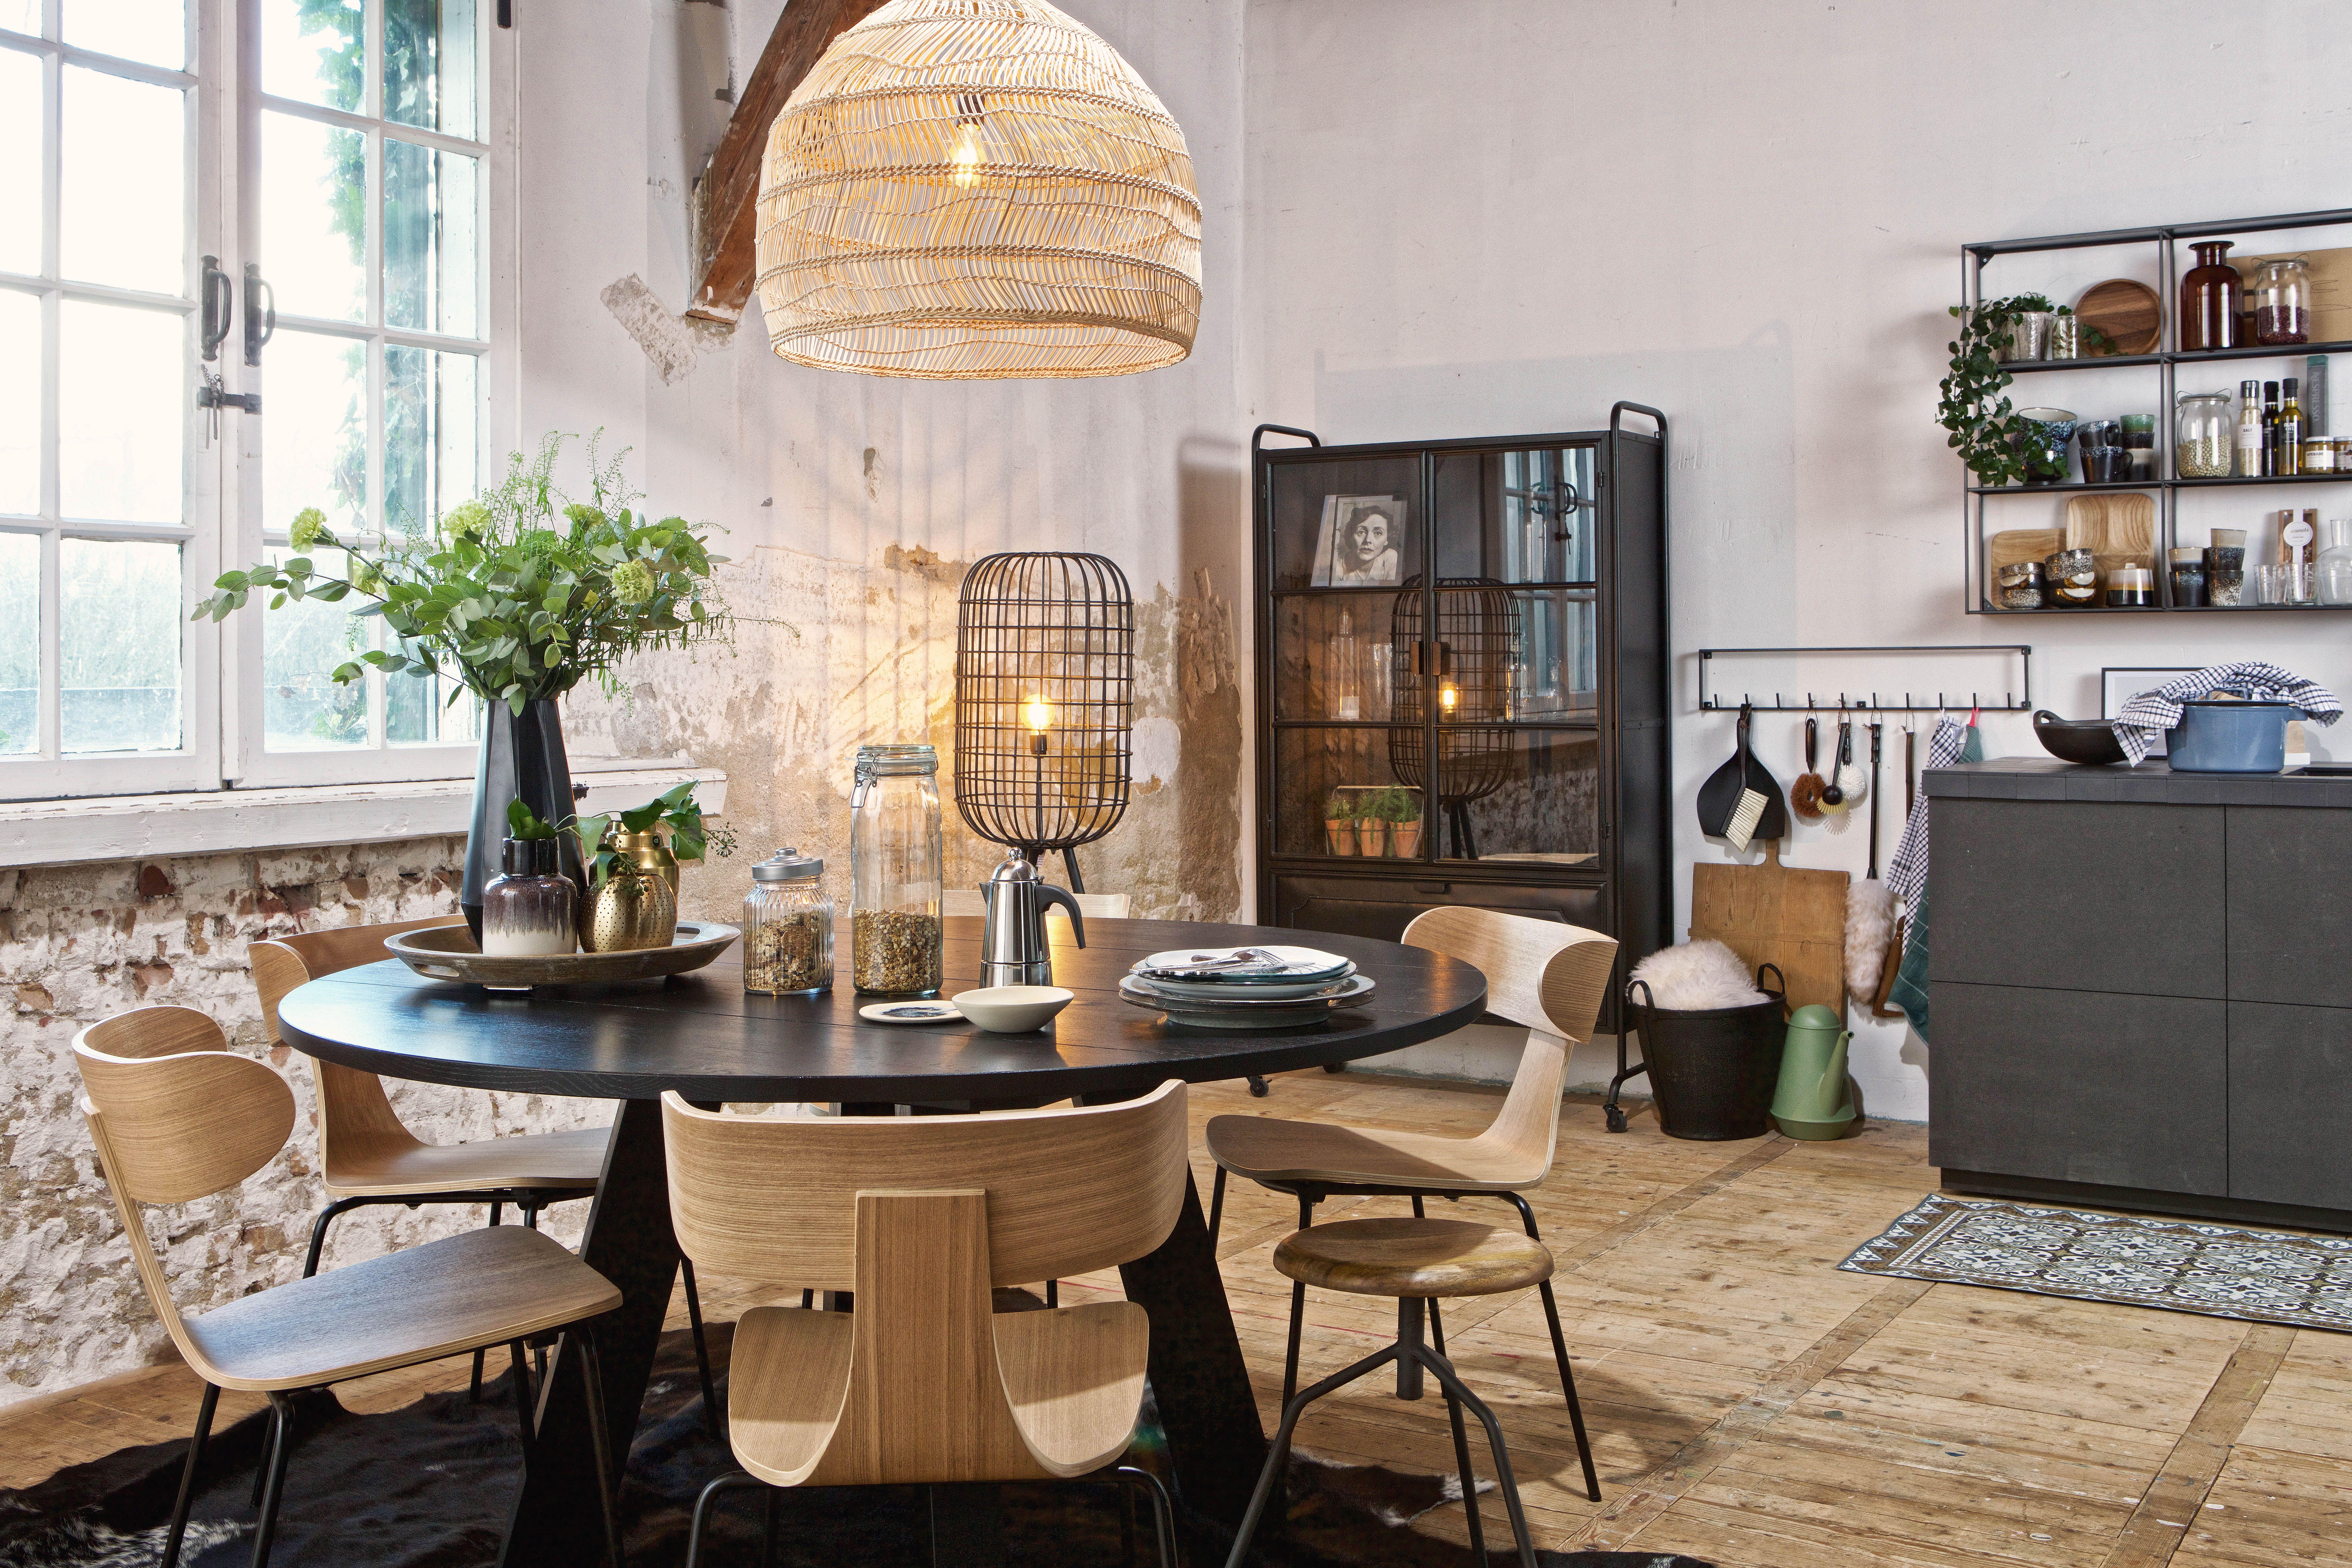 Inspiratie Sfeervolle Eetkamers : Sfeervolle eetkamer keuken met ronde rhonda tafel van woood en